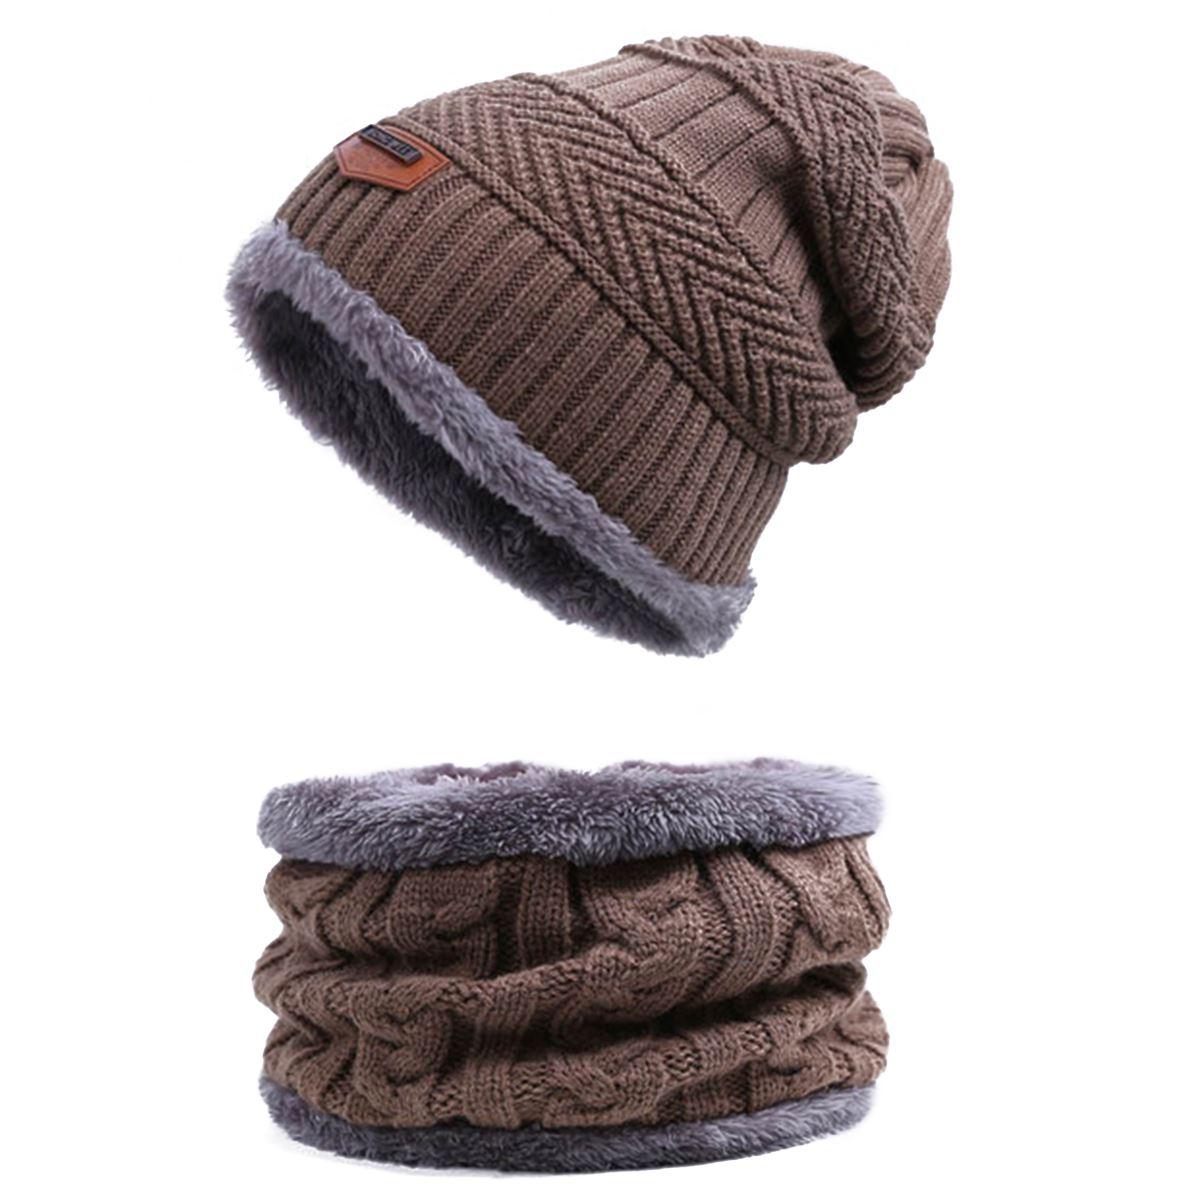 Evrfelan, комплект из двух предметов, зимняя шапка и шарф для мужчин, зимние шапочки, шарфы, мужские зимние комплекты, толстый хлопок, теплые зимние аксессуары - Цвет: A